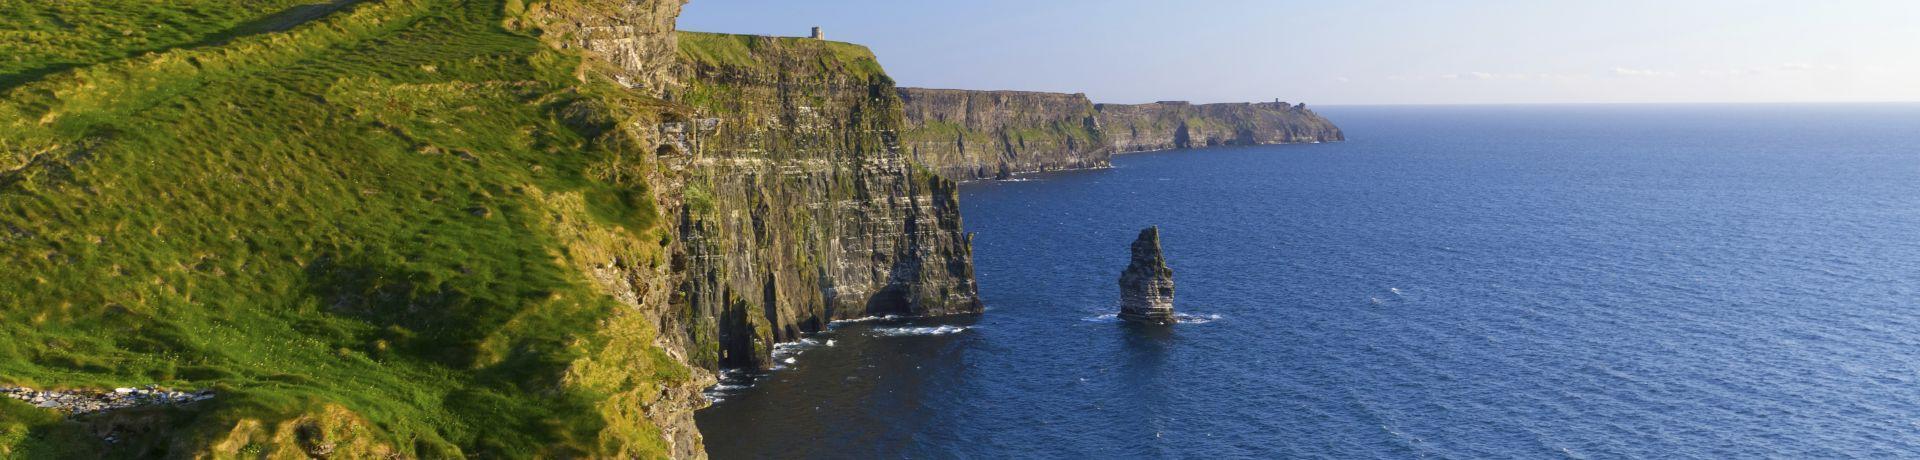 region-id-331-irland-irland_TS_147431866_F1920x460.jpg